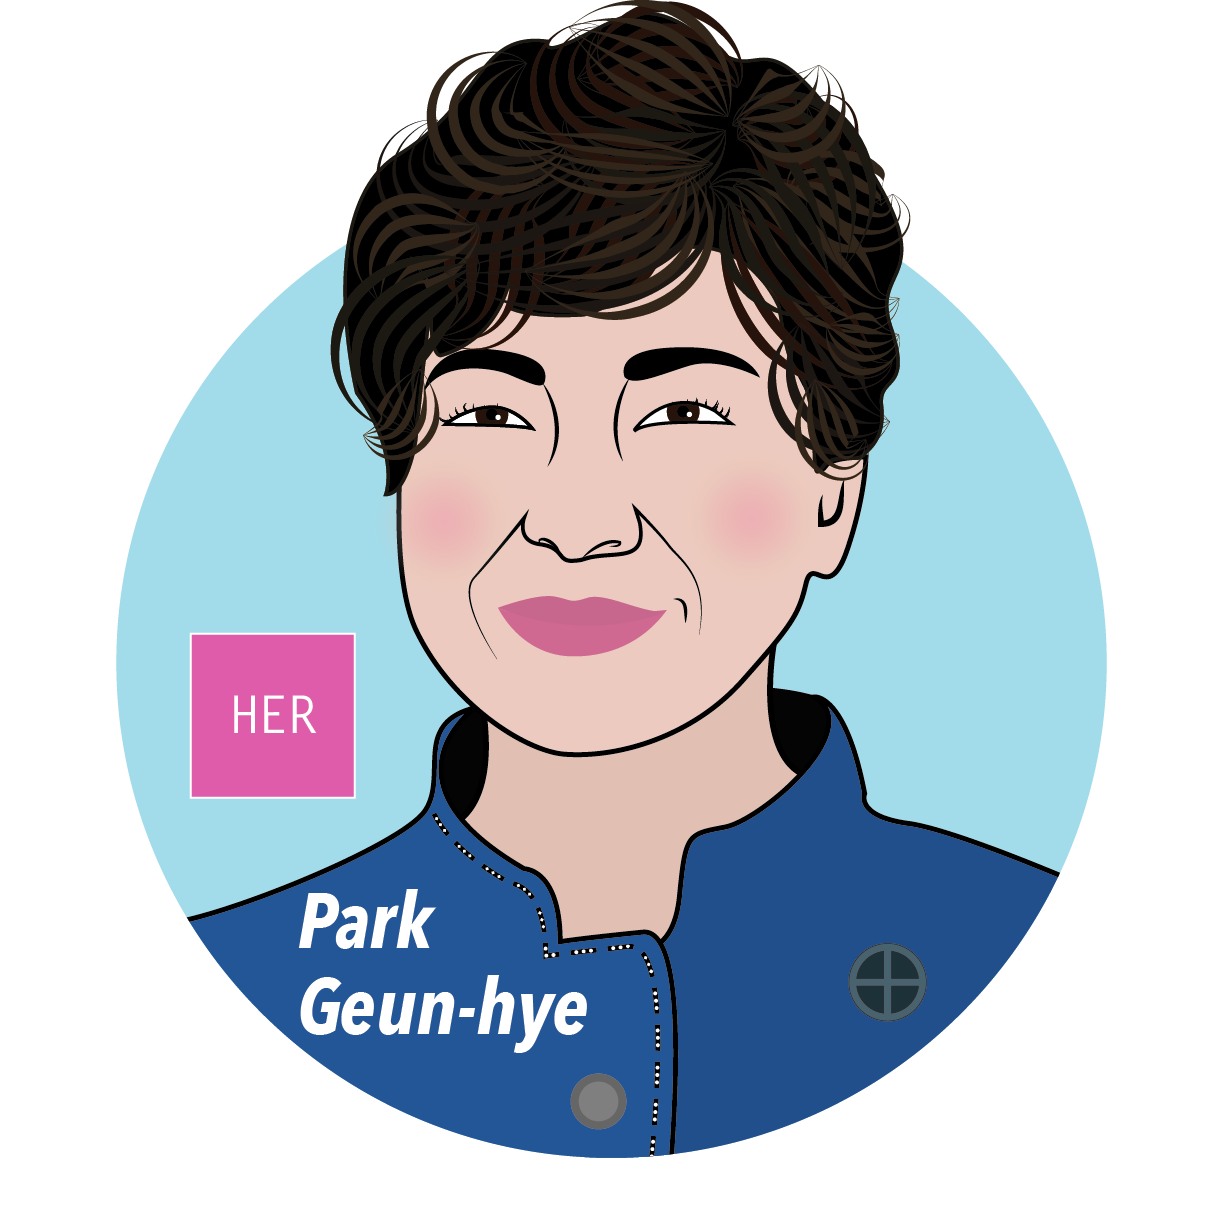 Park-Geun-hye.png